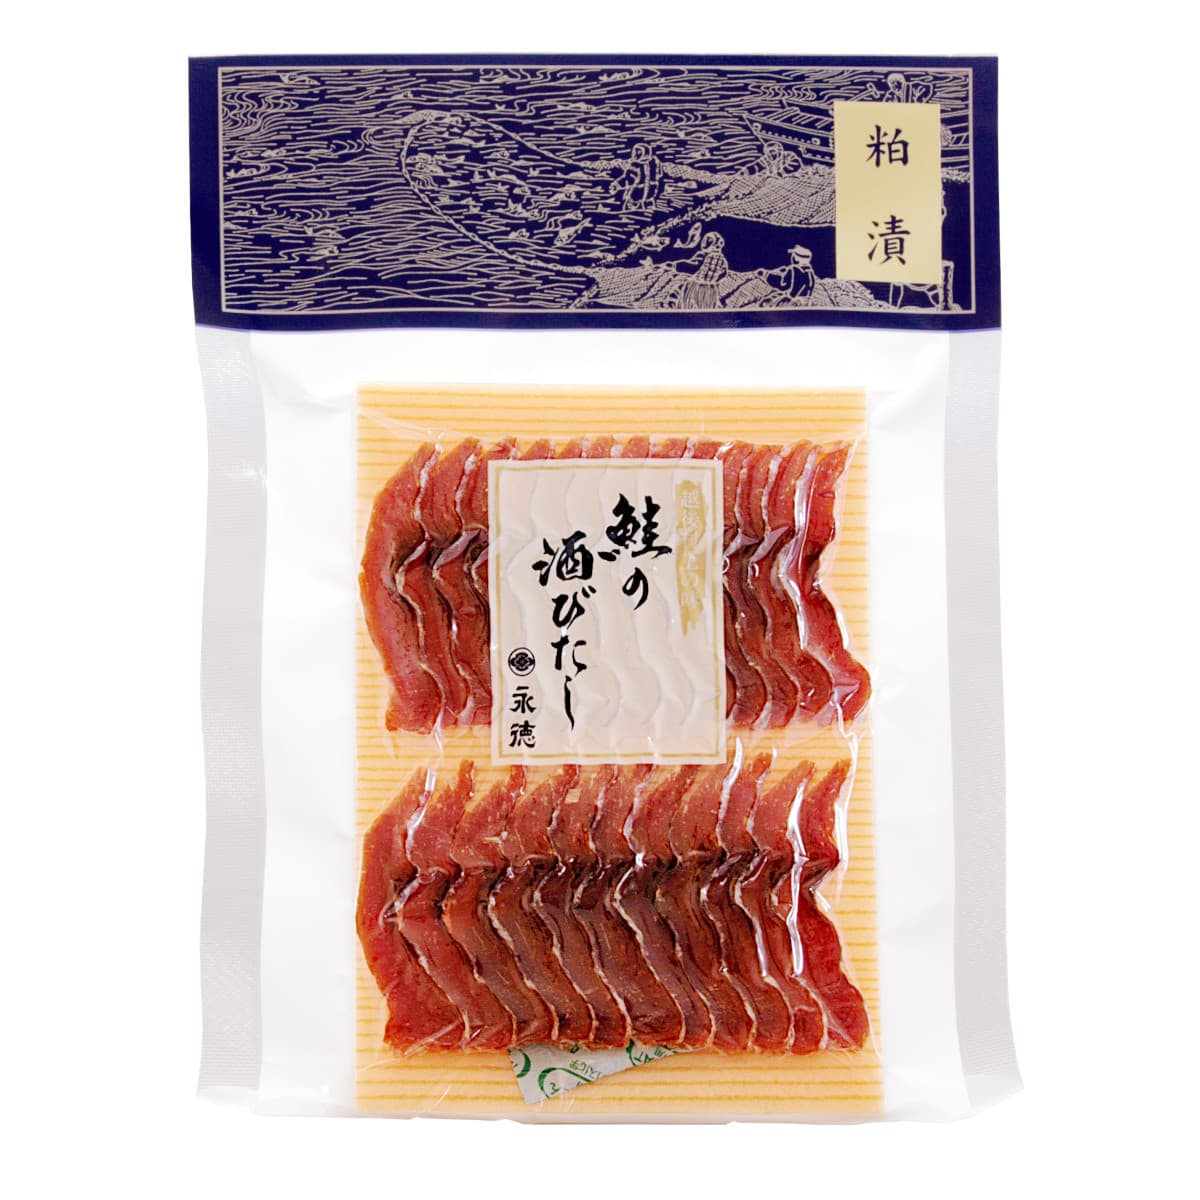 鮭の酒びたし粕漬 30g